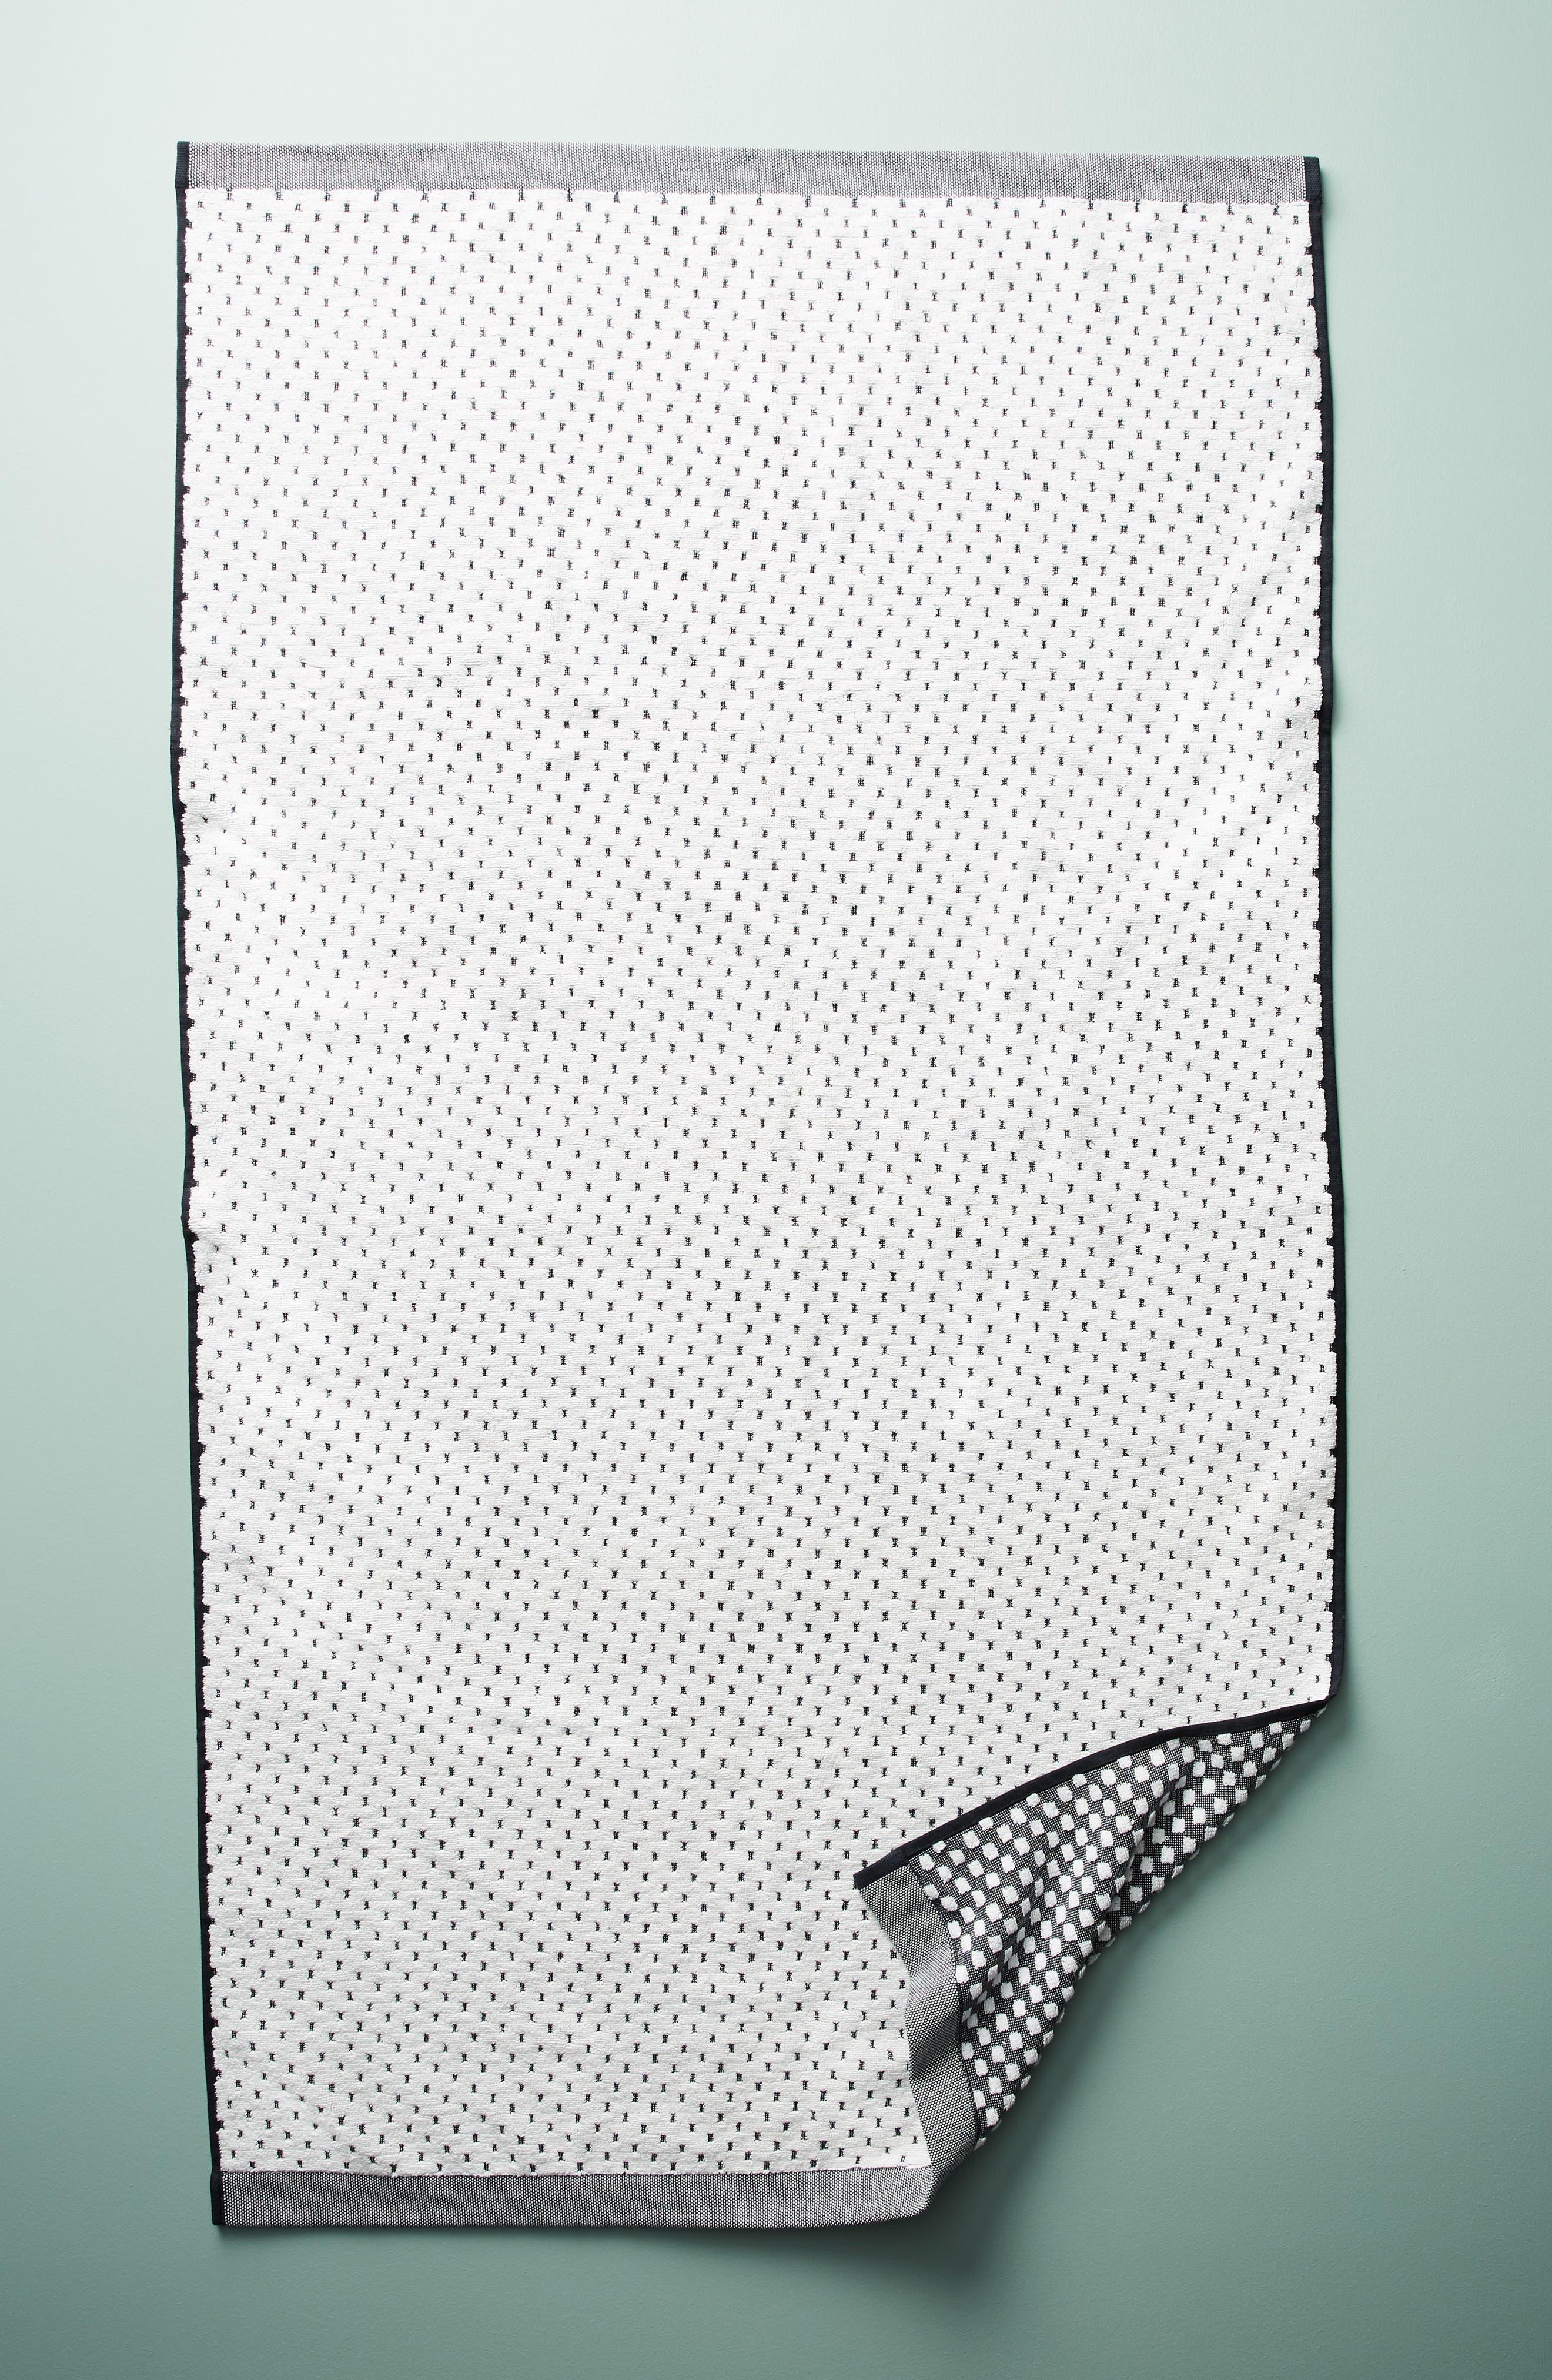 Dot Jacquard Bath Towel,                             Main thumbnail 1, color,                             Black